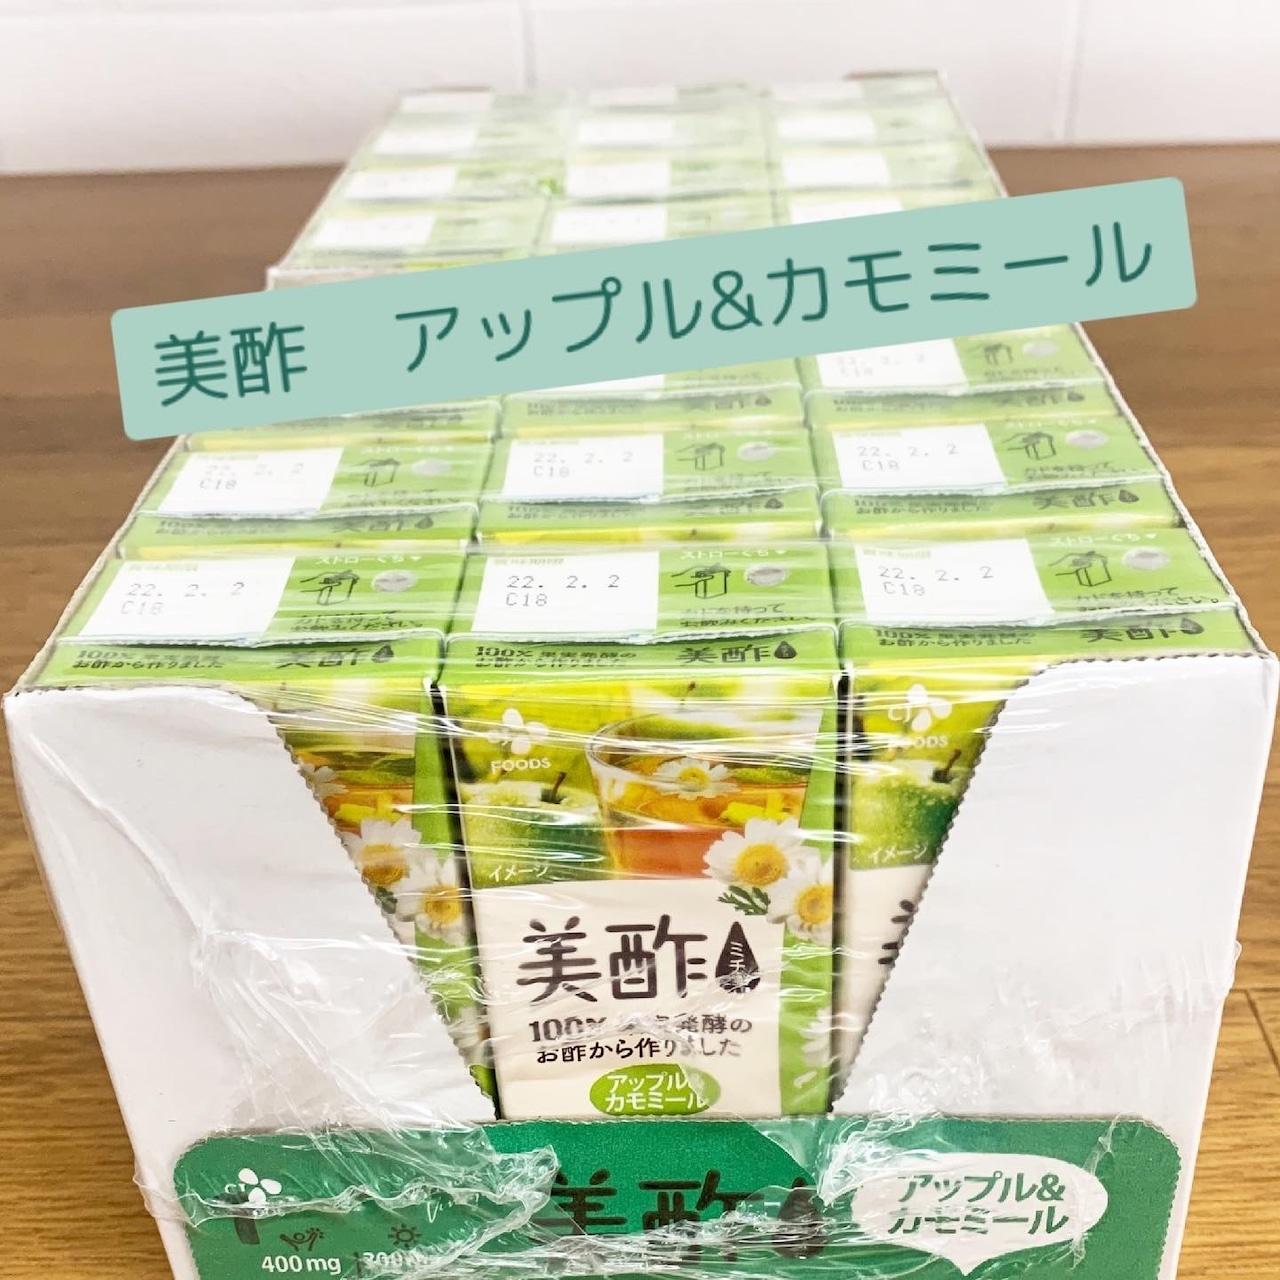 ミチョ アップル&カモミール24本